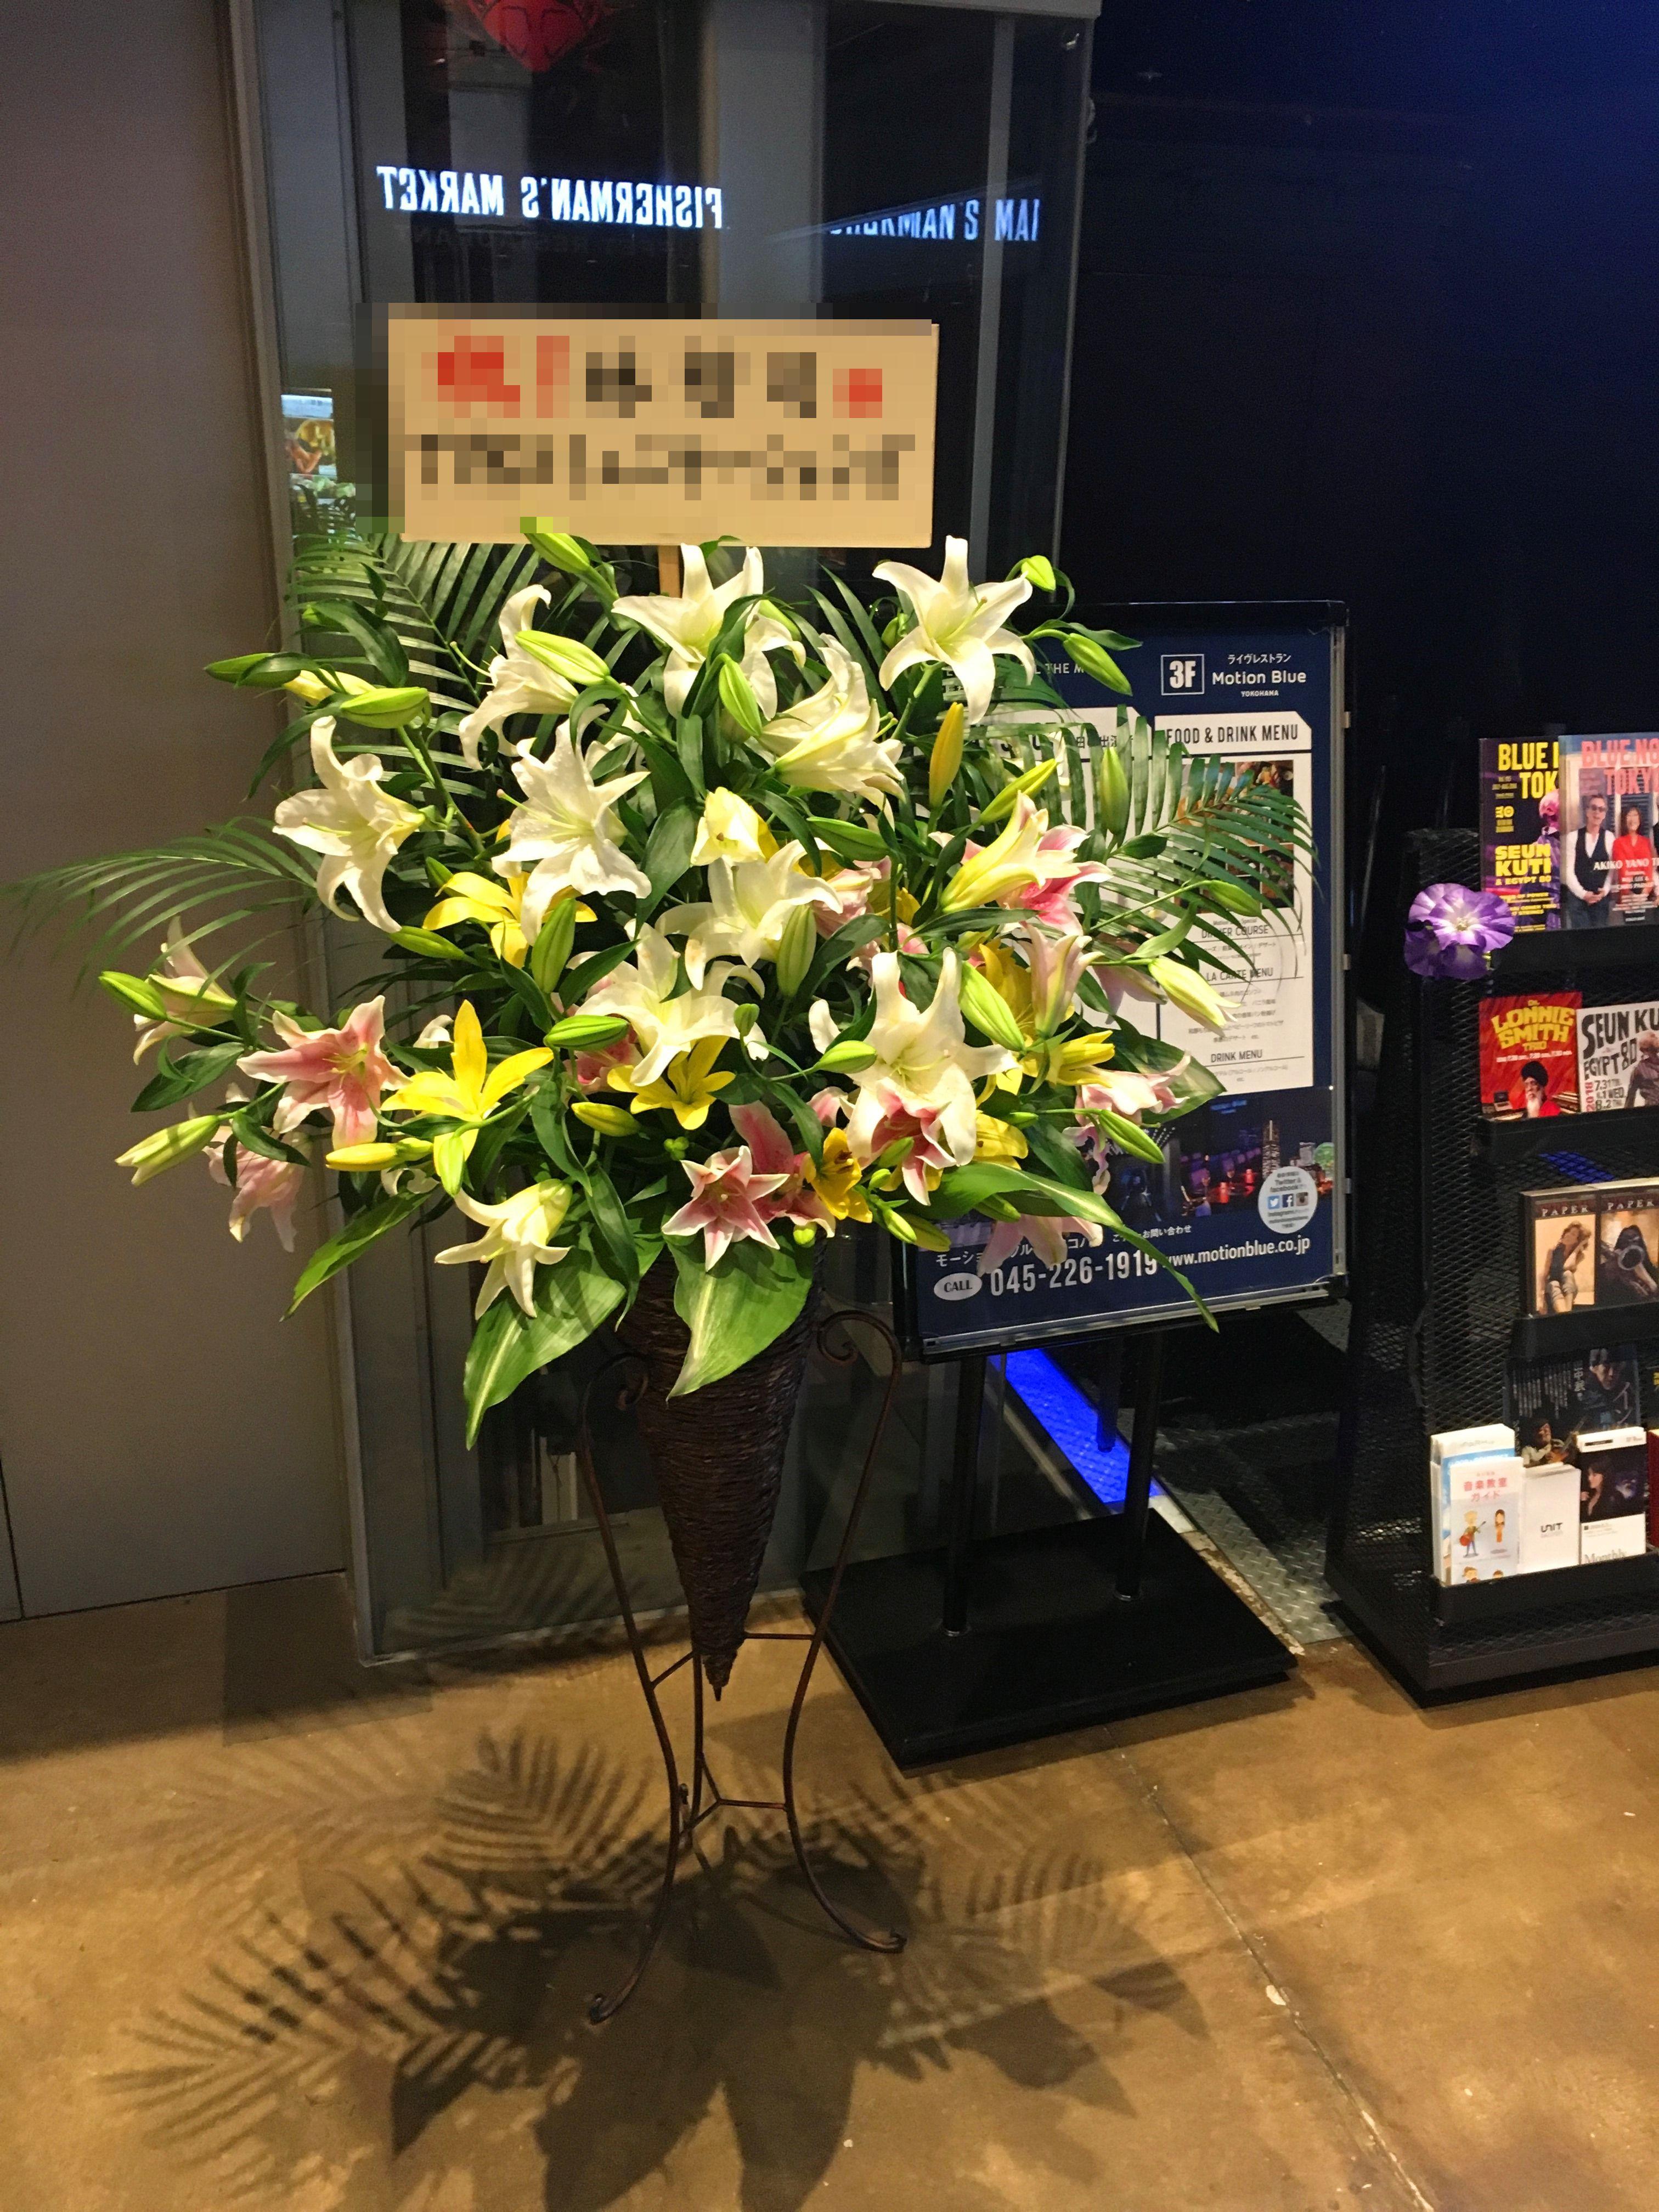 【ナオ花屋の納品事例90】赤レンガ倉庫モーションブルーヨコハマへスタンド花を配達しました!